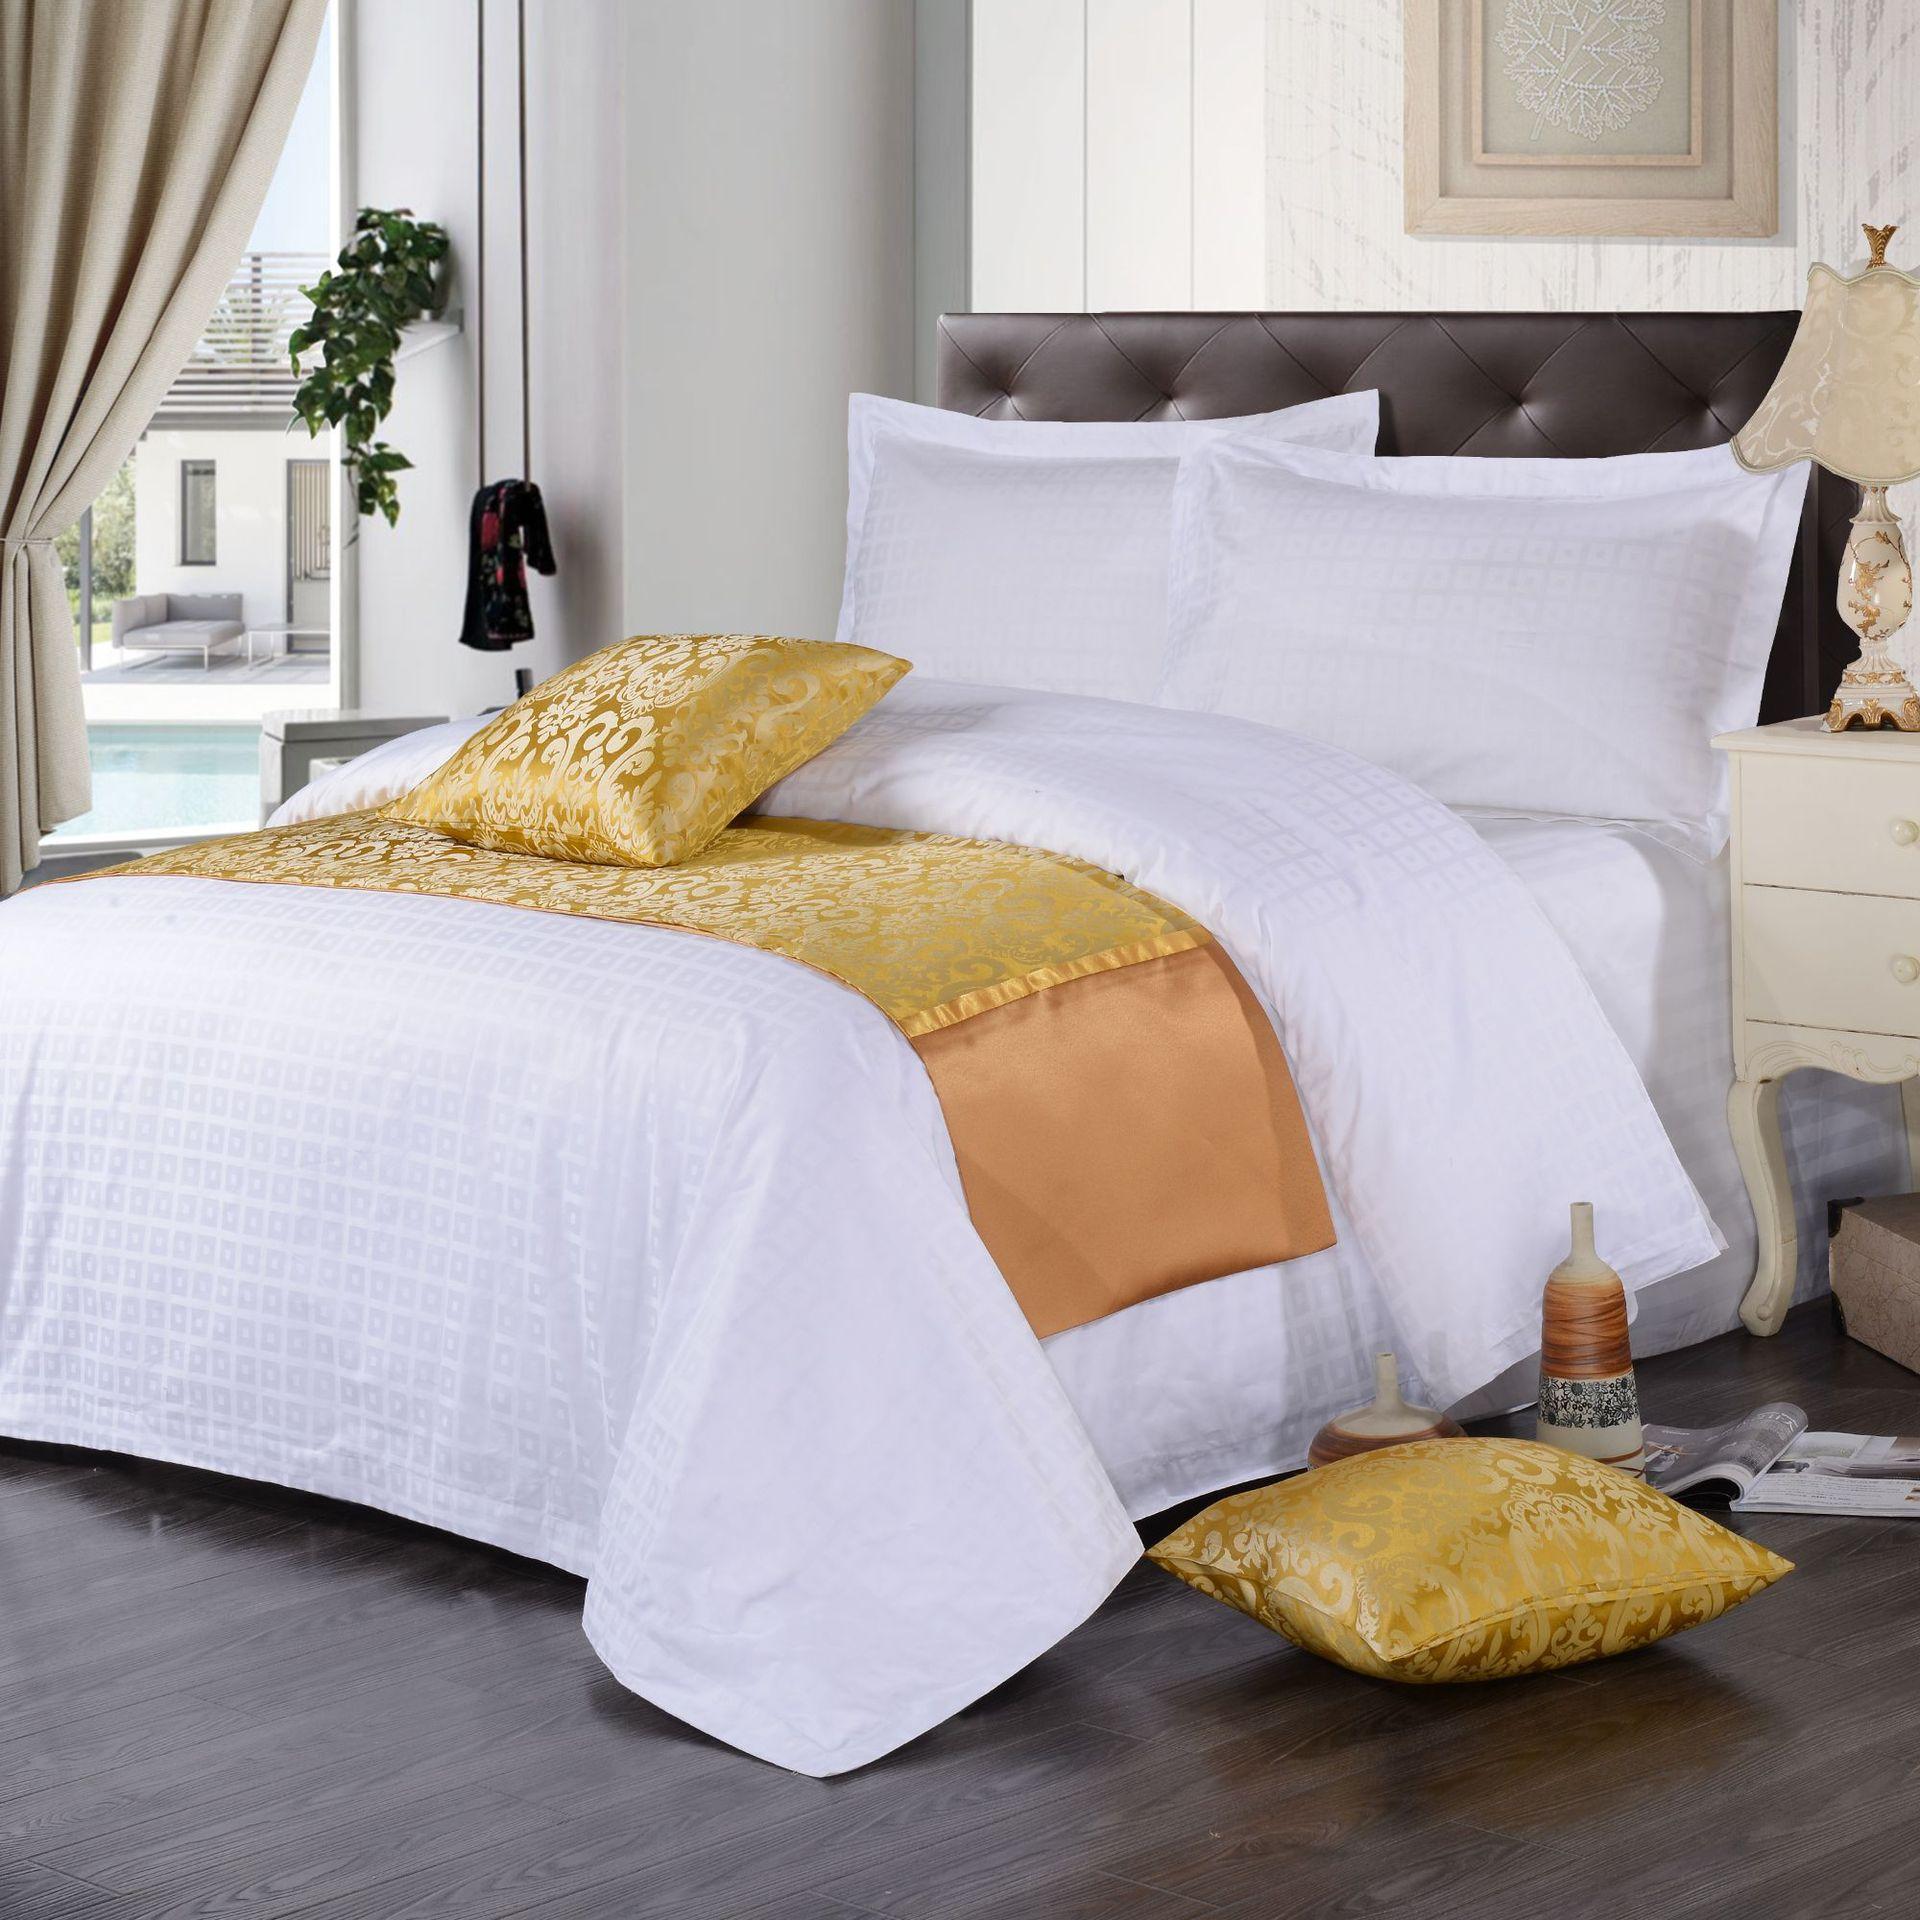 君芝友酒店用品賓館酒店床上用品四件套全棉純白色貢緞4件套床單被套床品JZY-0002